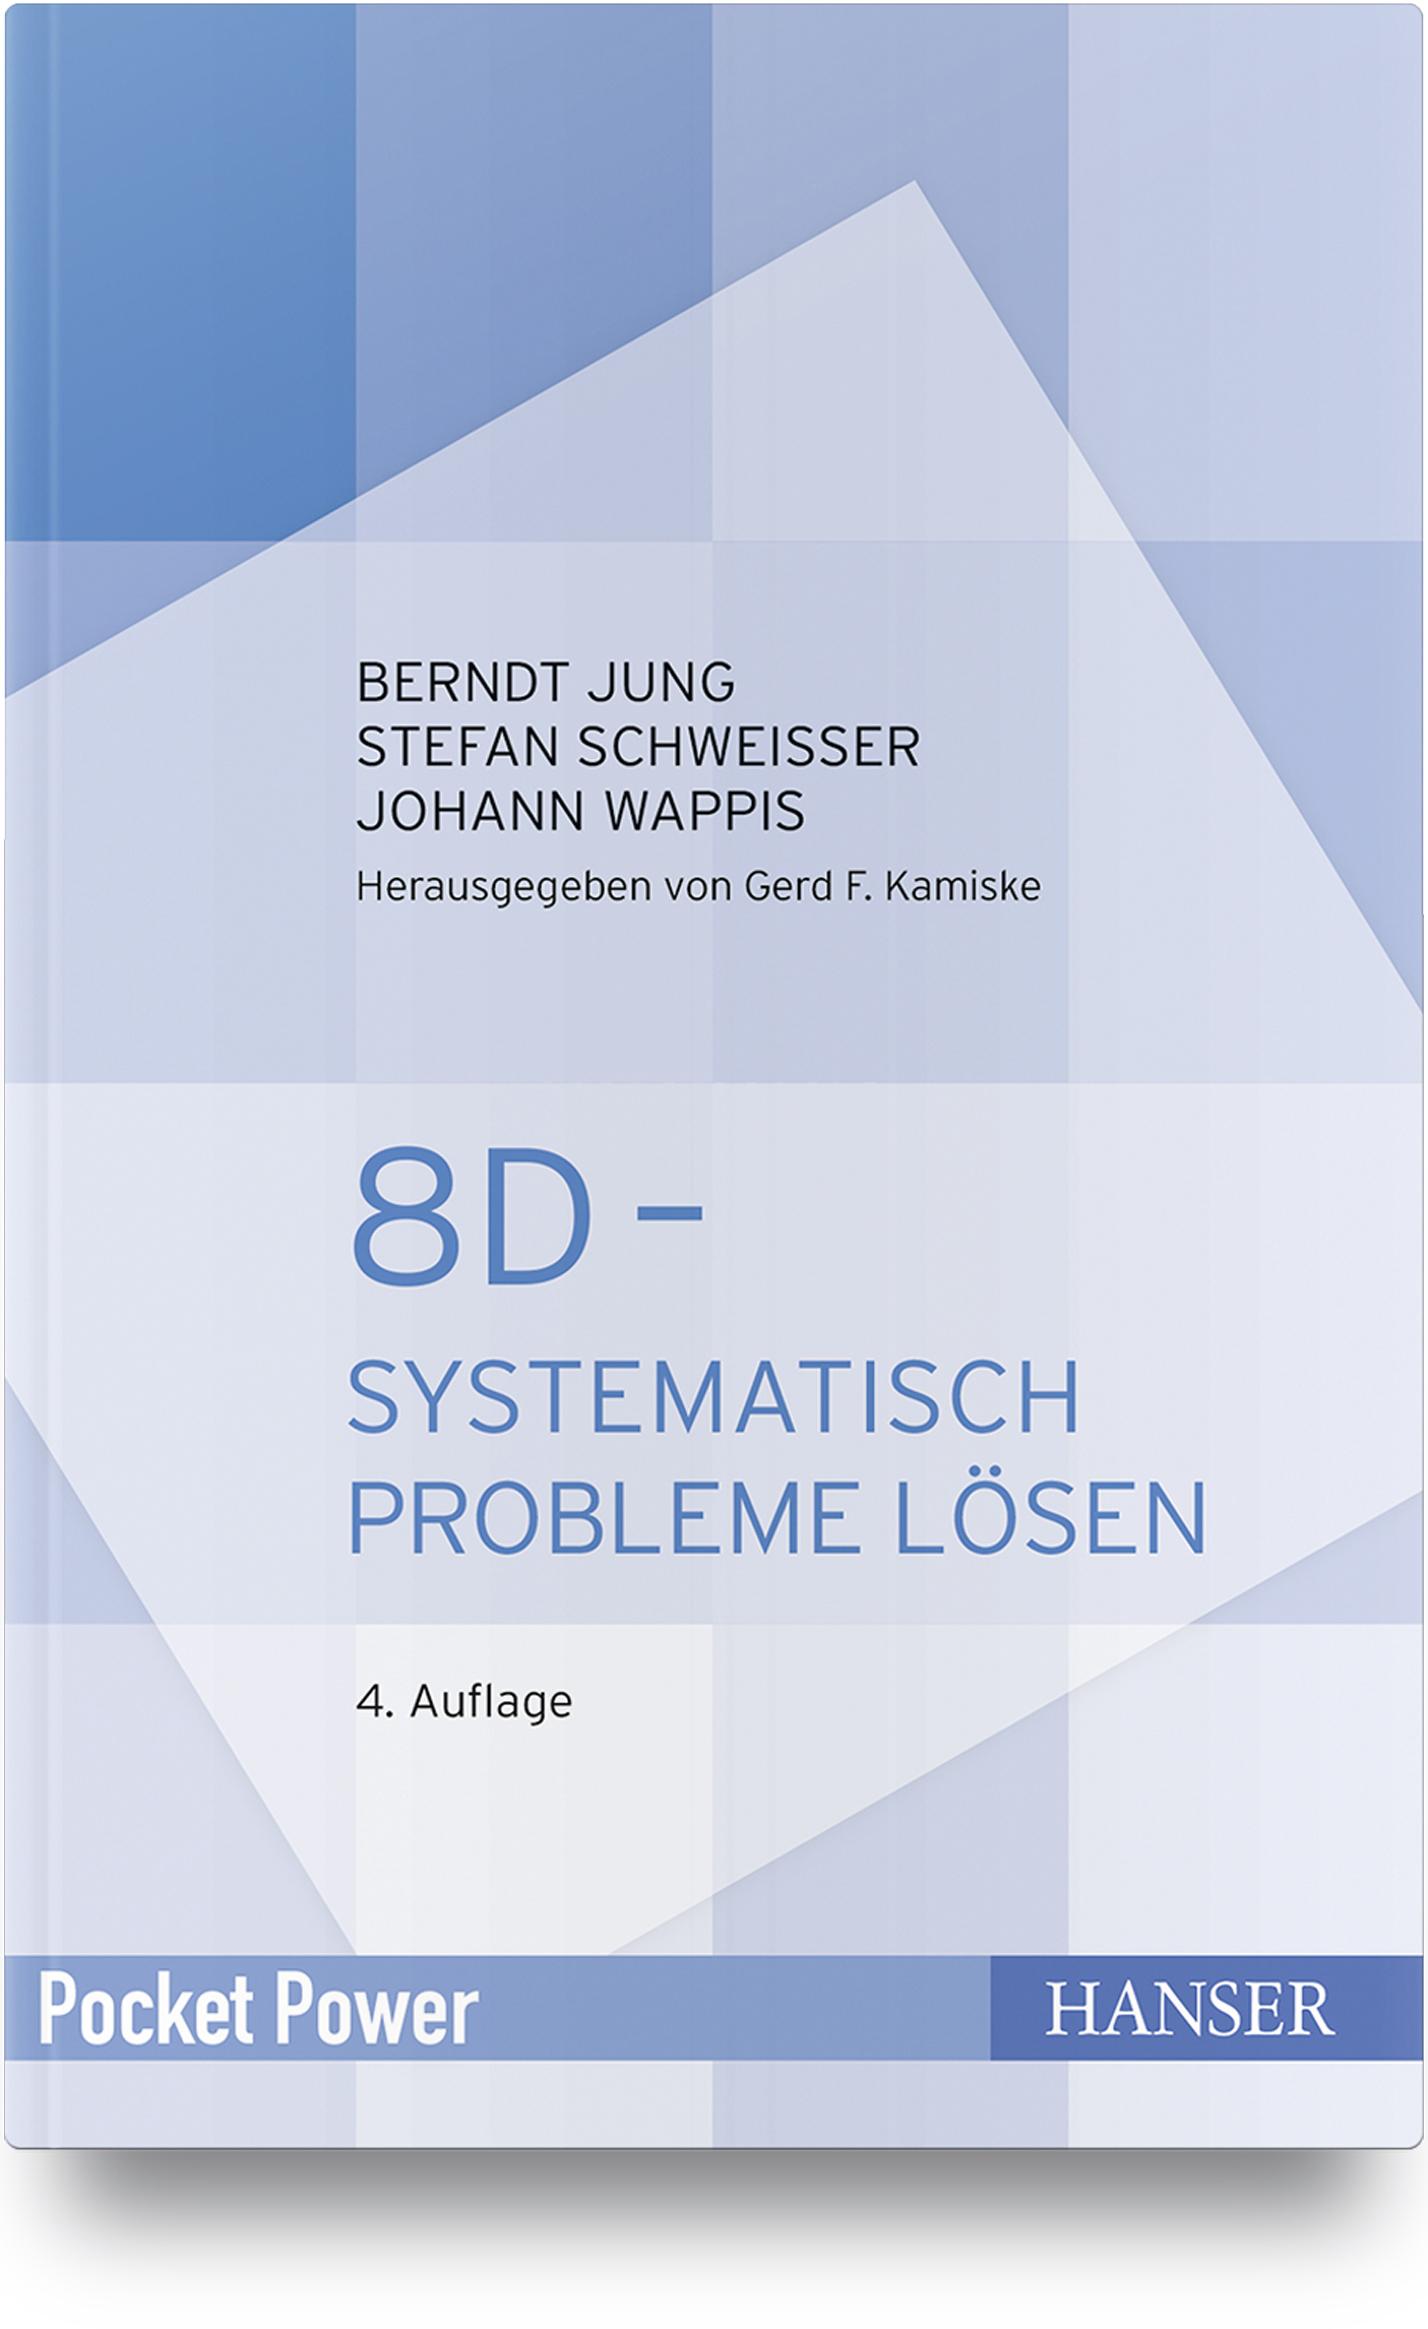 Jung, Schweißer, Wappis, 8D - Systematisch Probleme lösen, 978-3-446-46340-0